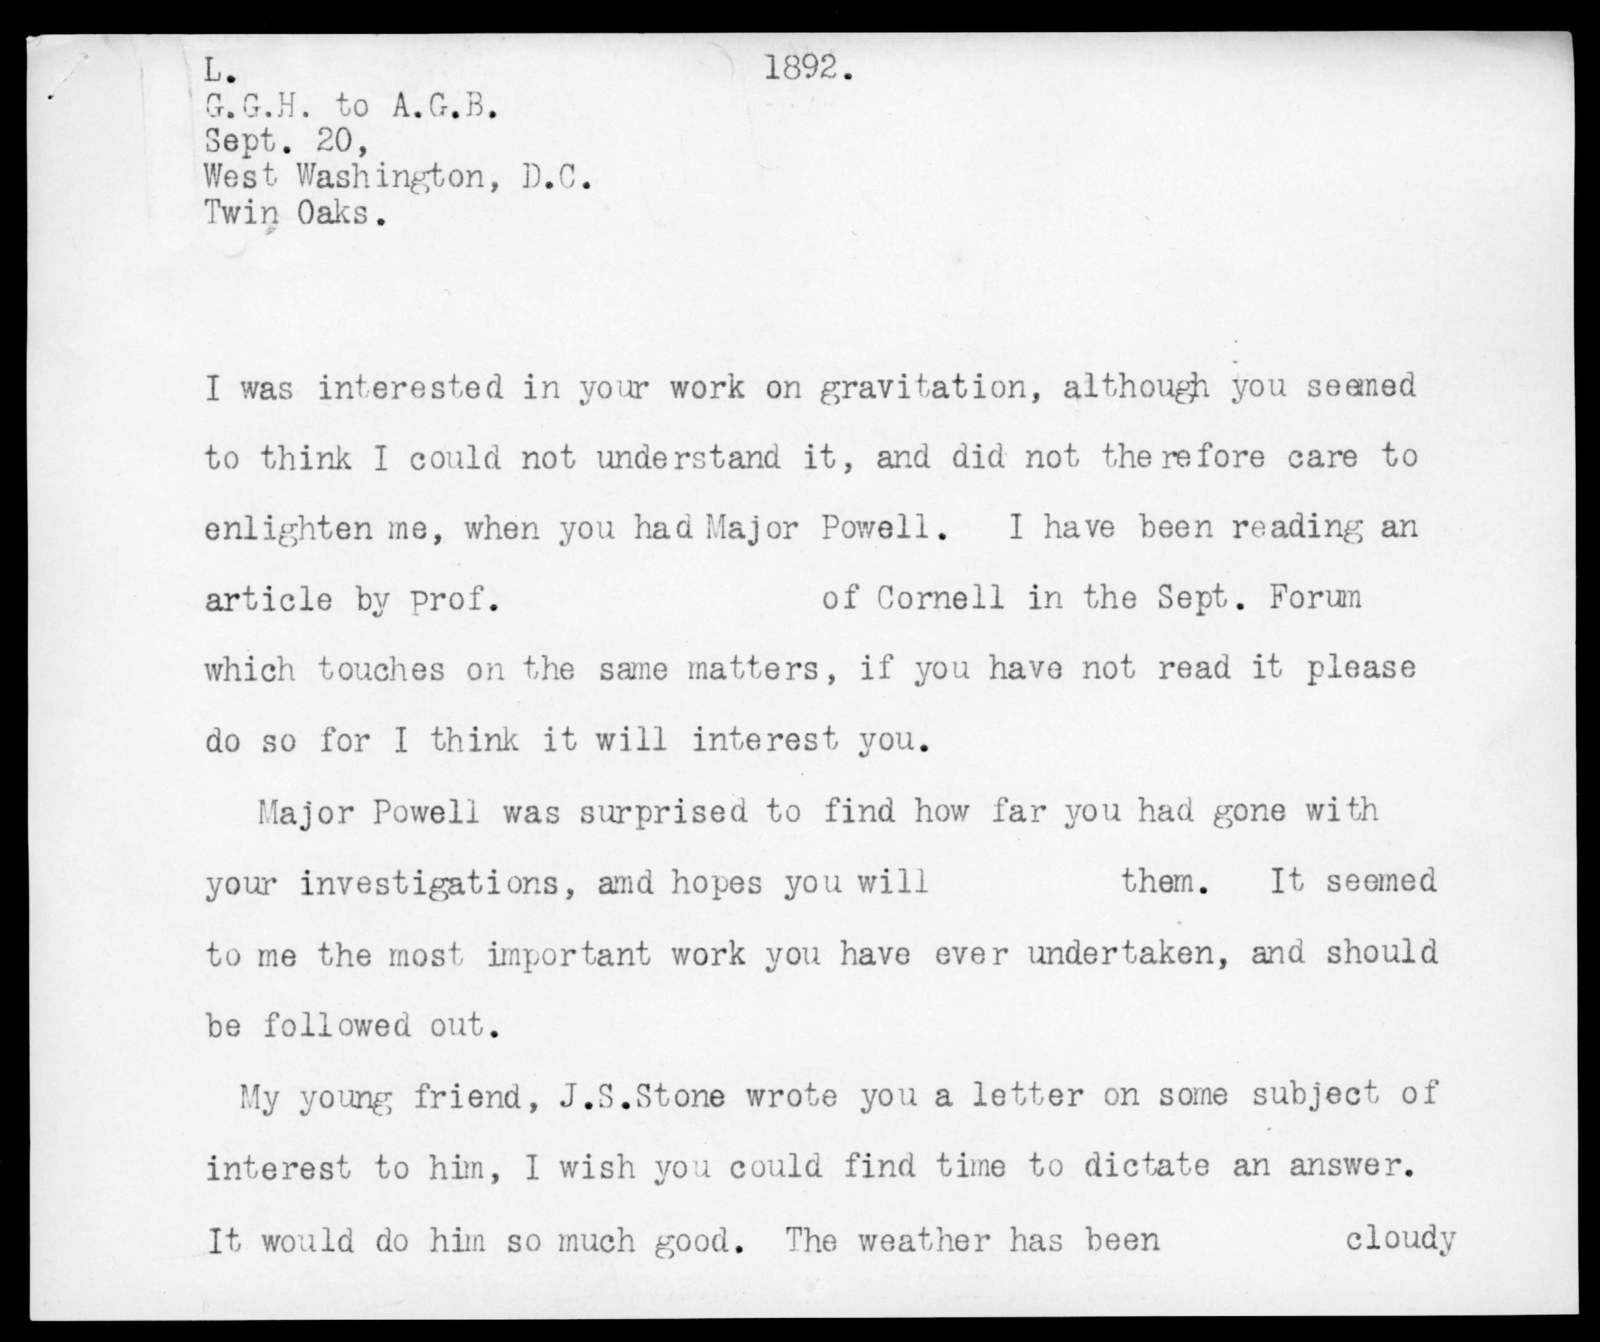 Letter from Gardiner Greene Hubbard to Alexander Graham Bell, September 20, 1892